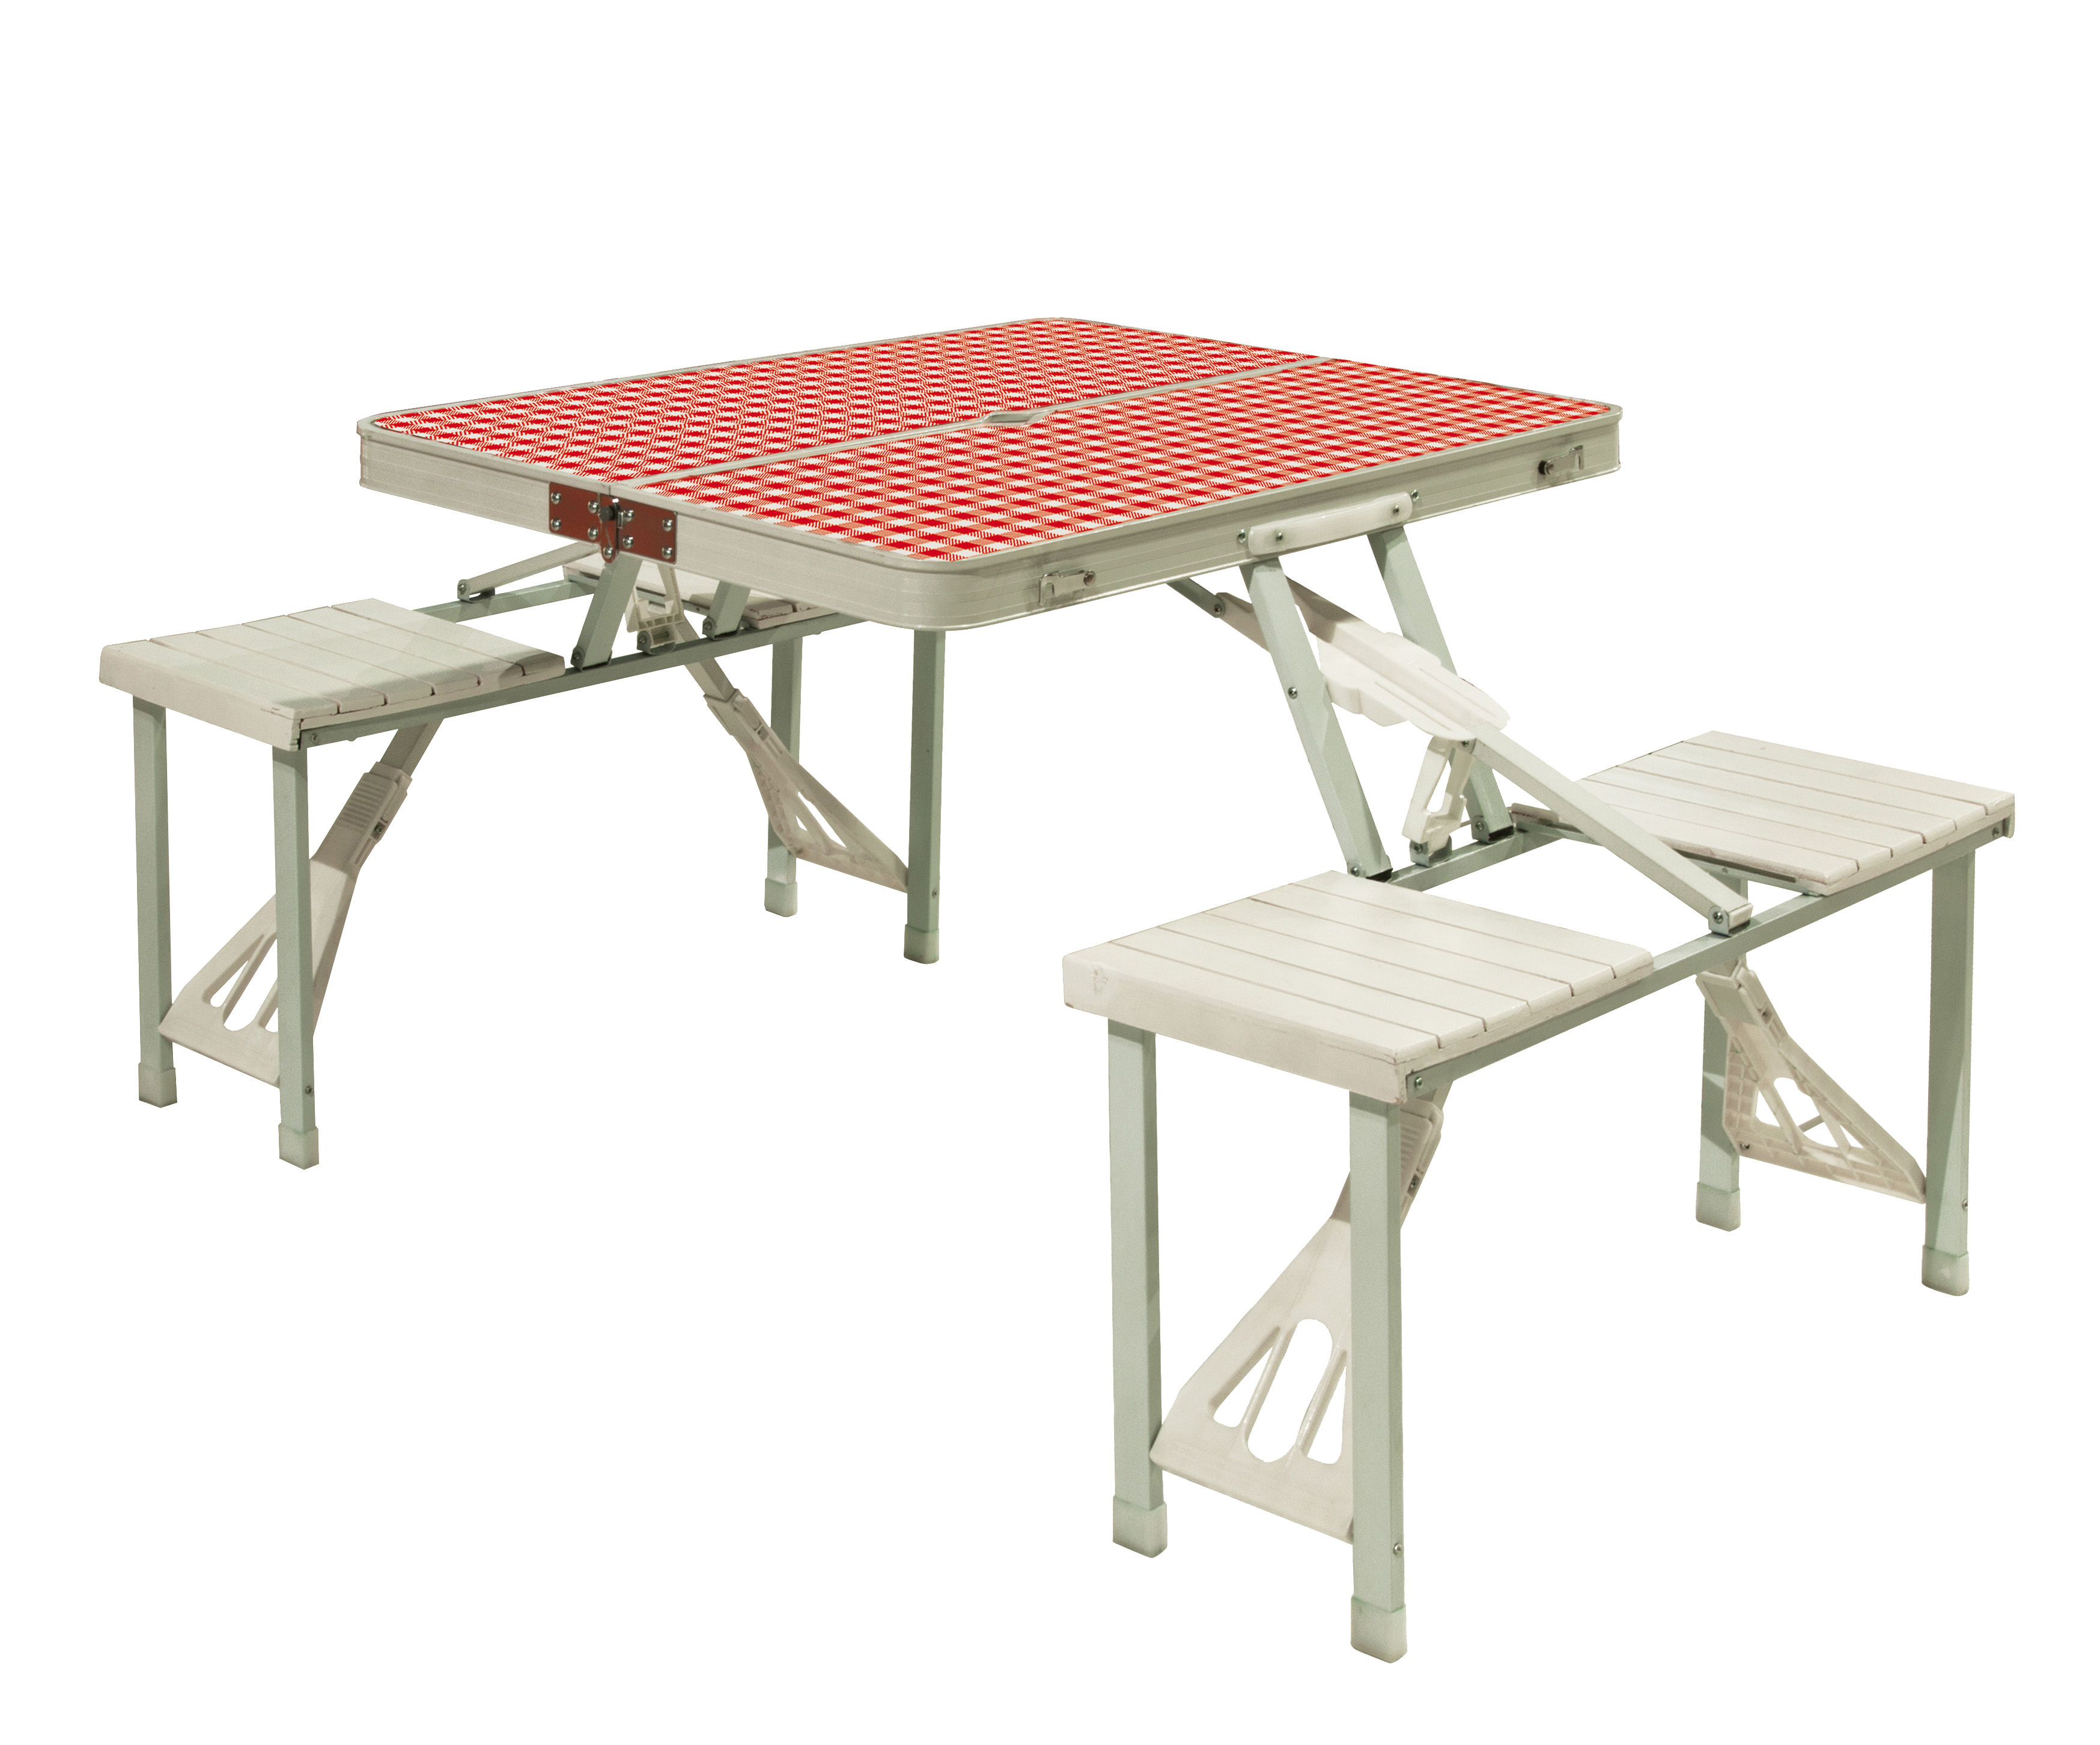 Jardin - Tables de jardin - Table pliante Festival / Table-valise de pique-nique avec bancs - Seletti - Blanc & rouge - Matériau plastique, Métal